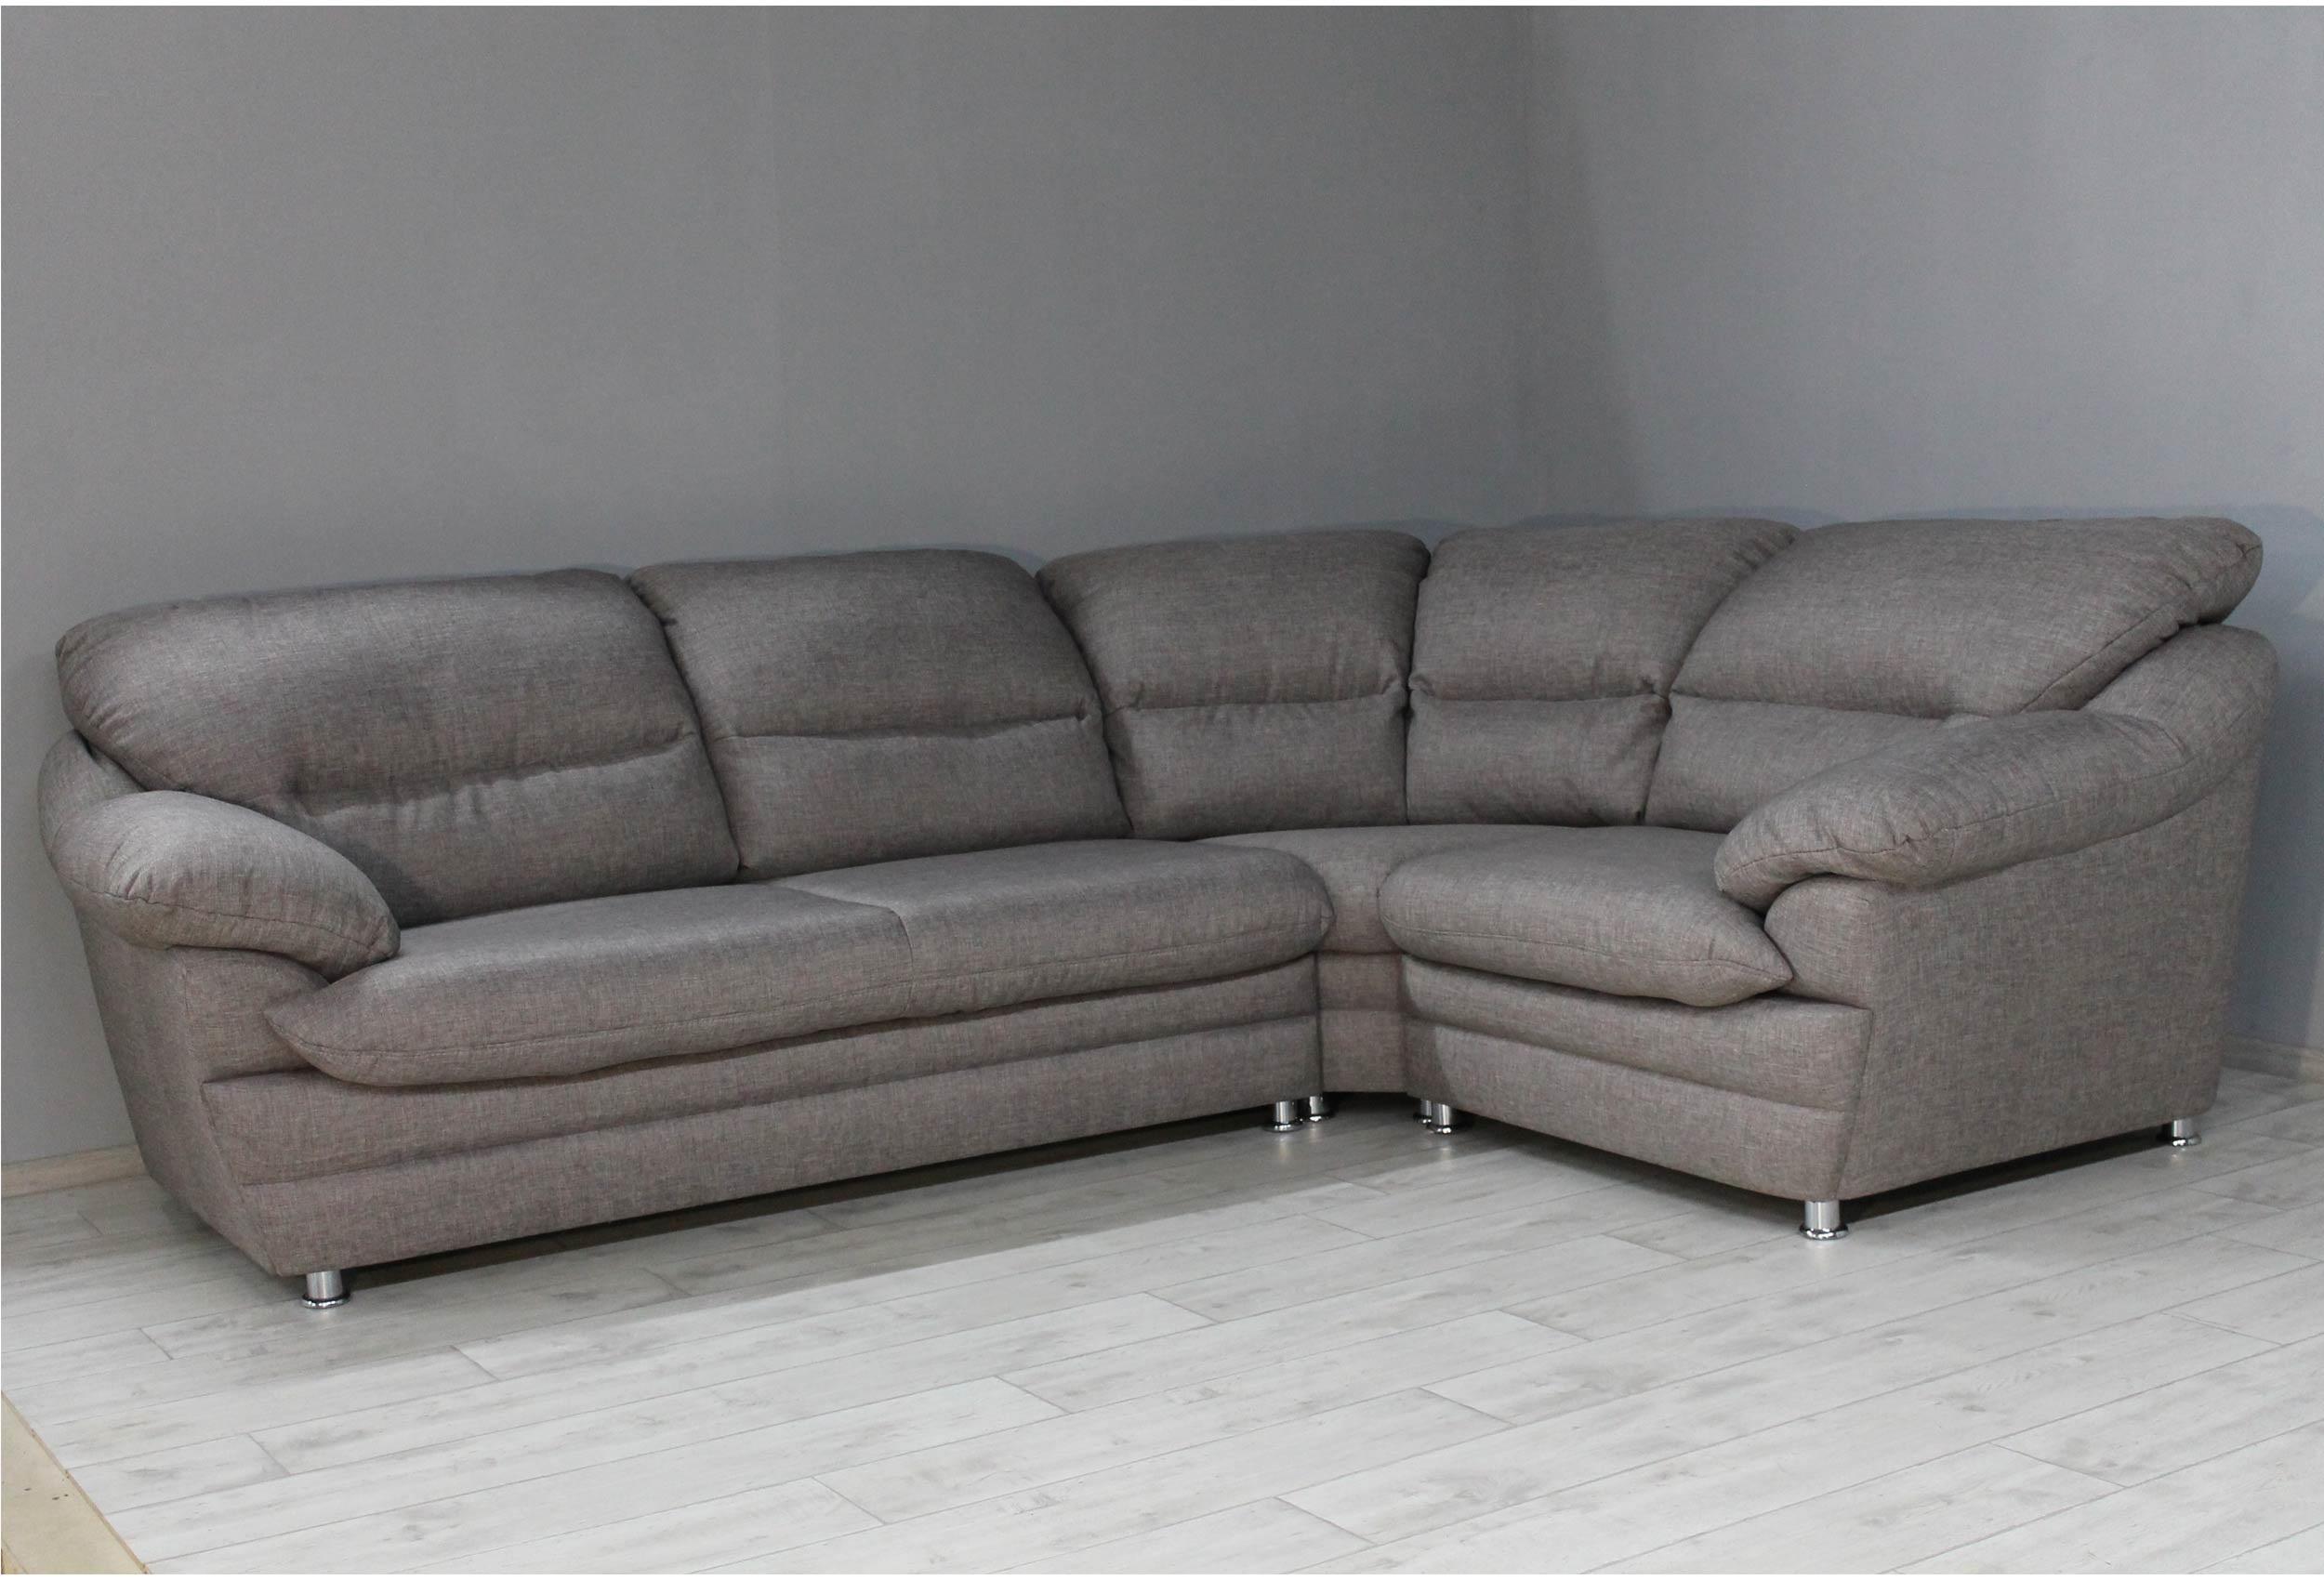 очищение дивана от пыли